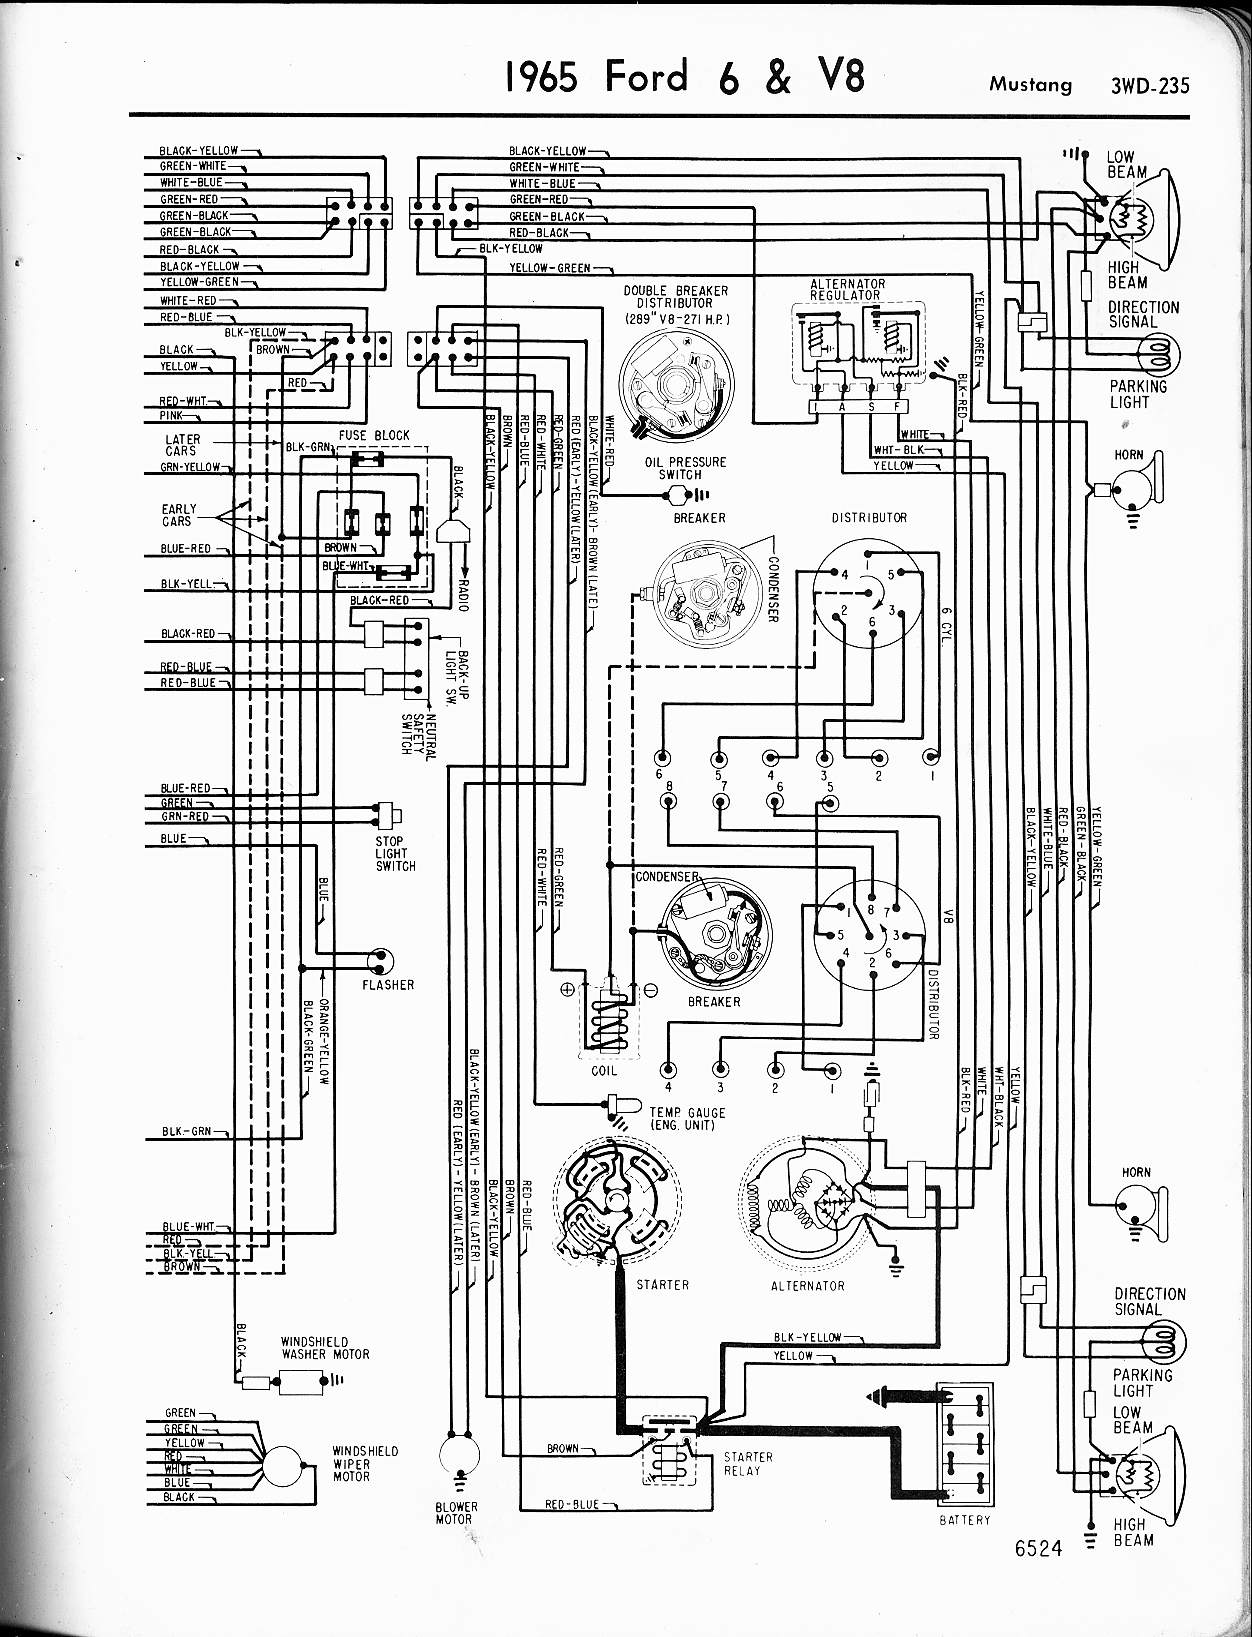 MWire5765 235?resized665%2C869 audiovox ba 200 wiring diagram efcaviation com audiovox ba 200 wiring diagram at n-0.co